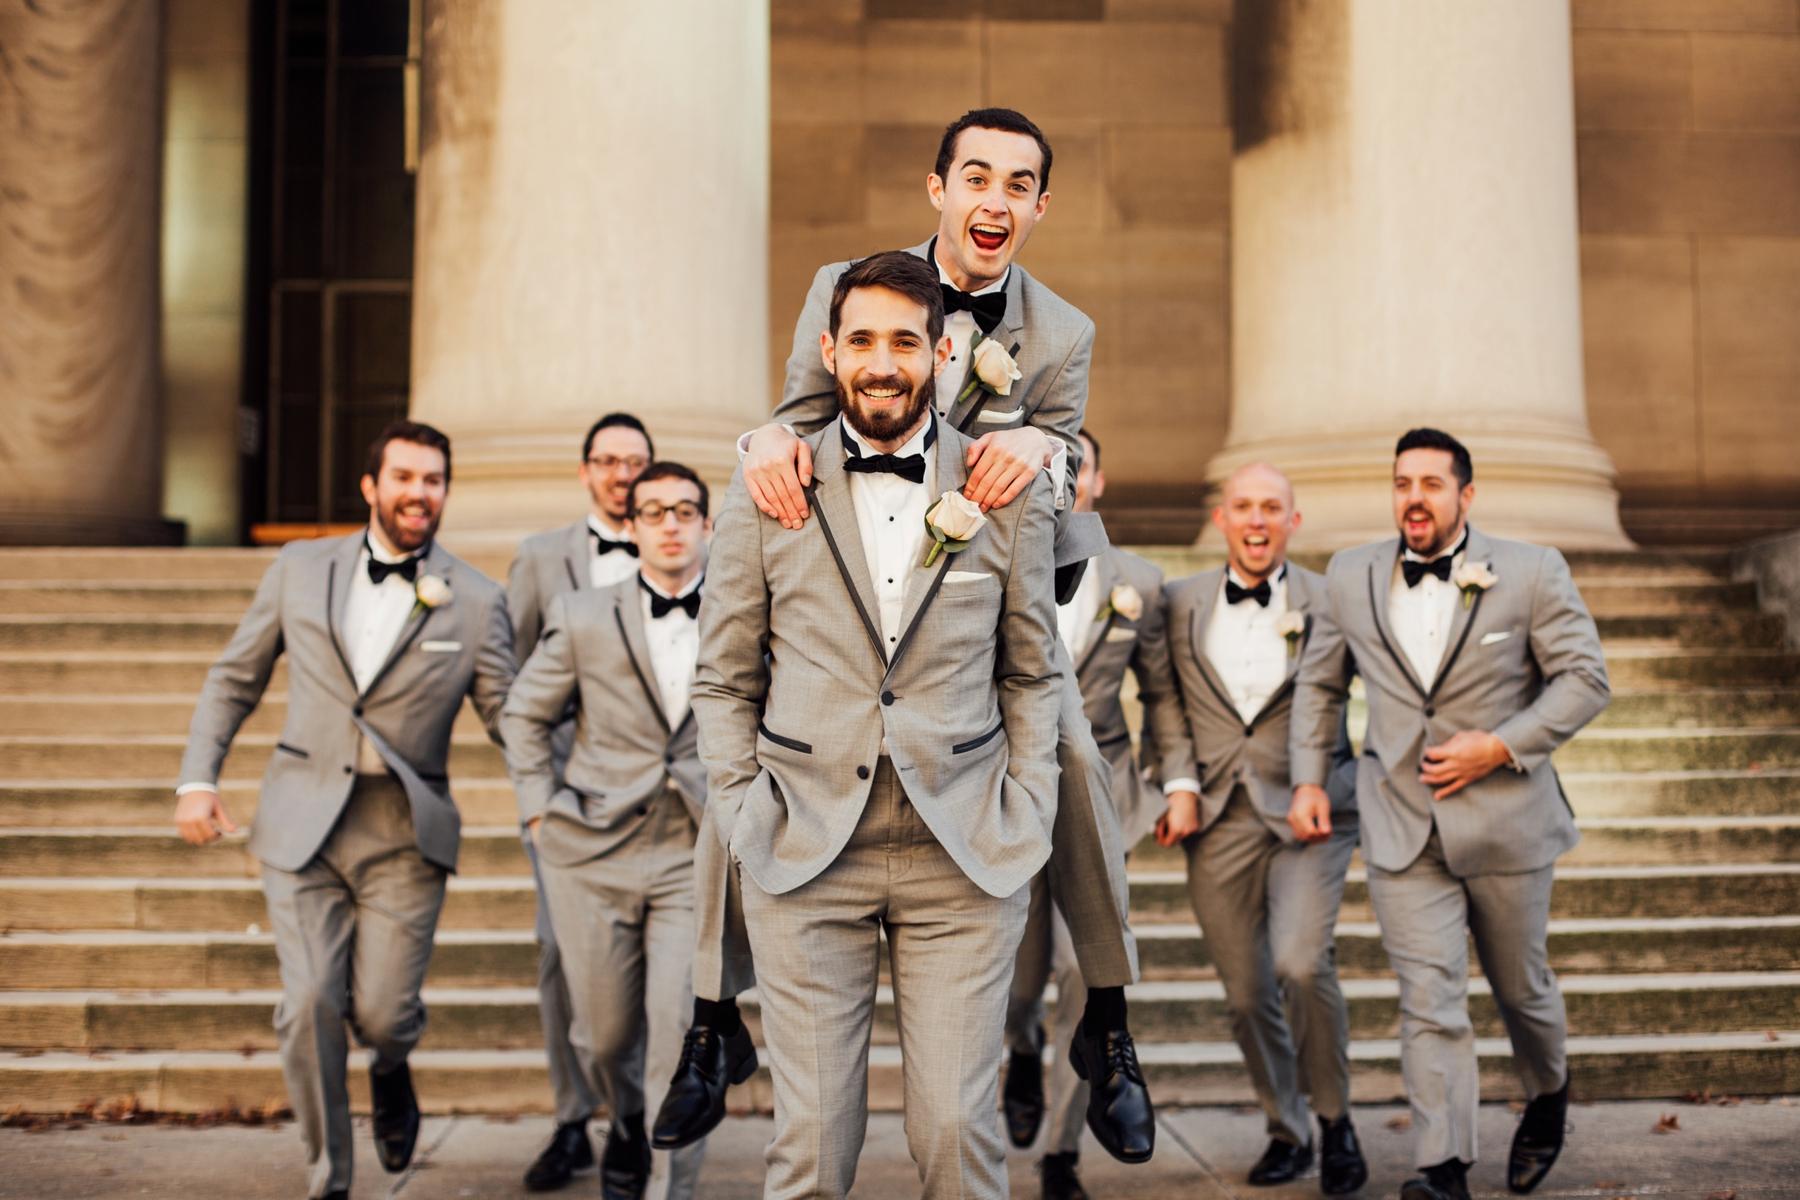 heinz chapel ace hotel pittsburgh wedding photographer